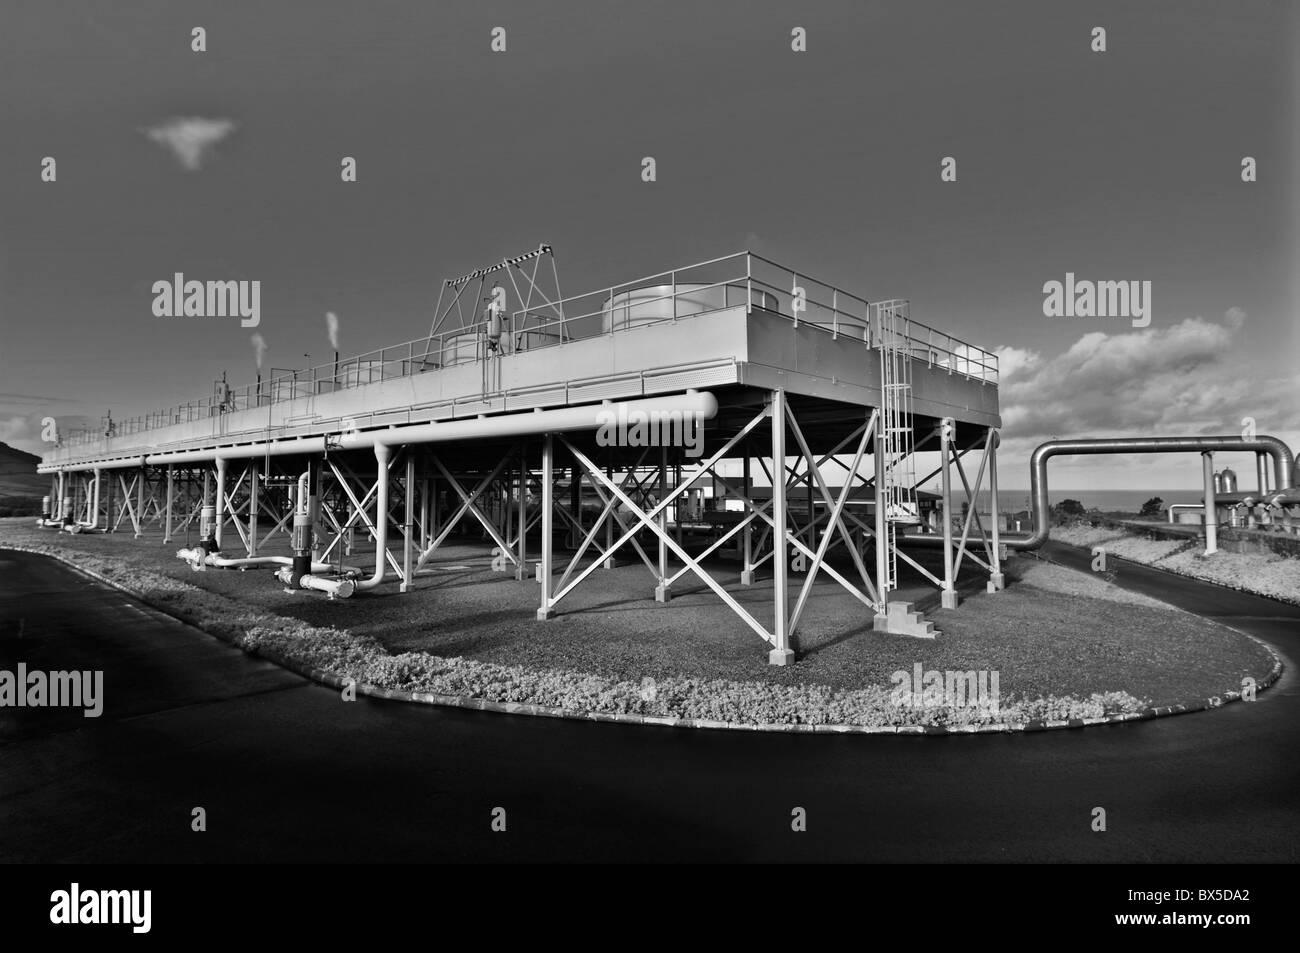 Tomadas en una instalación de energía geotérmica en las Azores utilizados para la generación Imagen De Stock